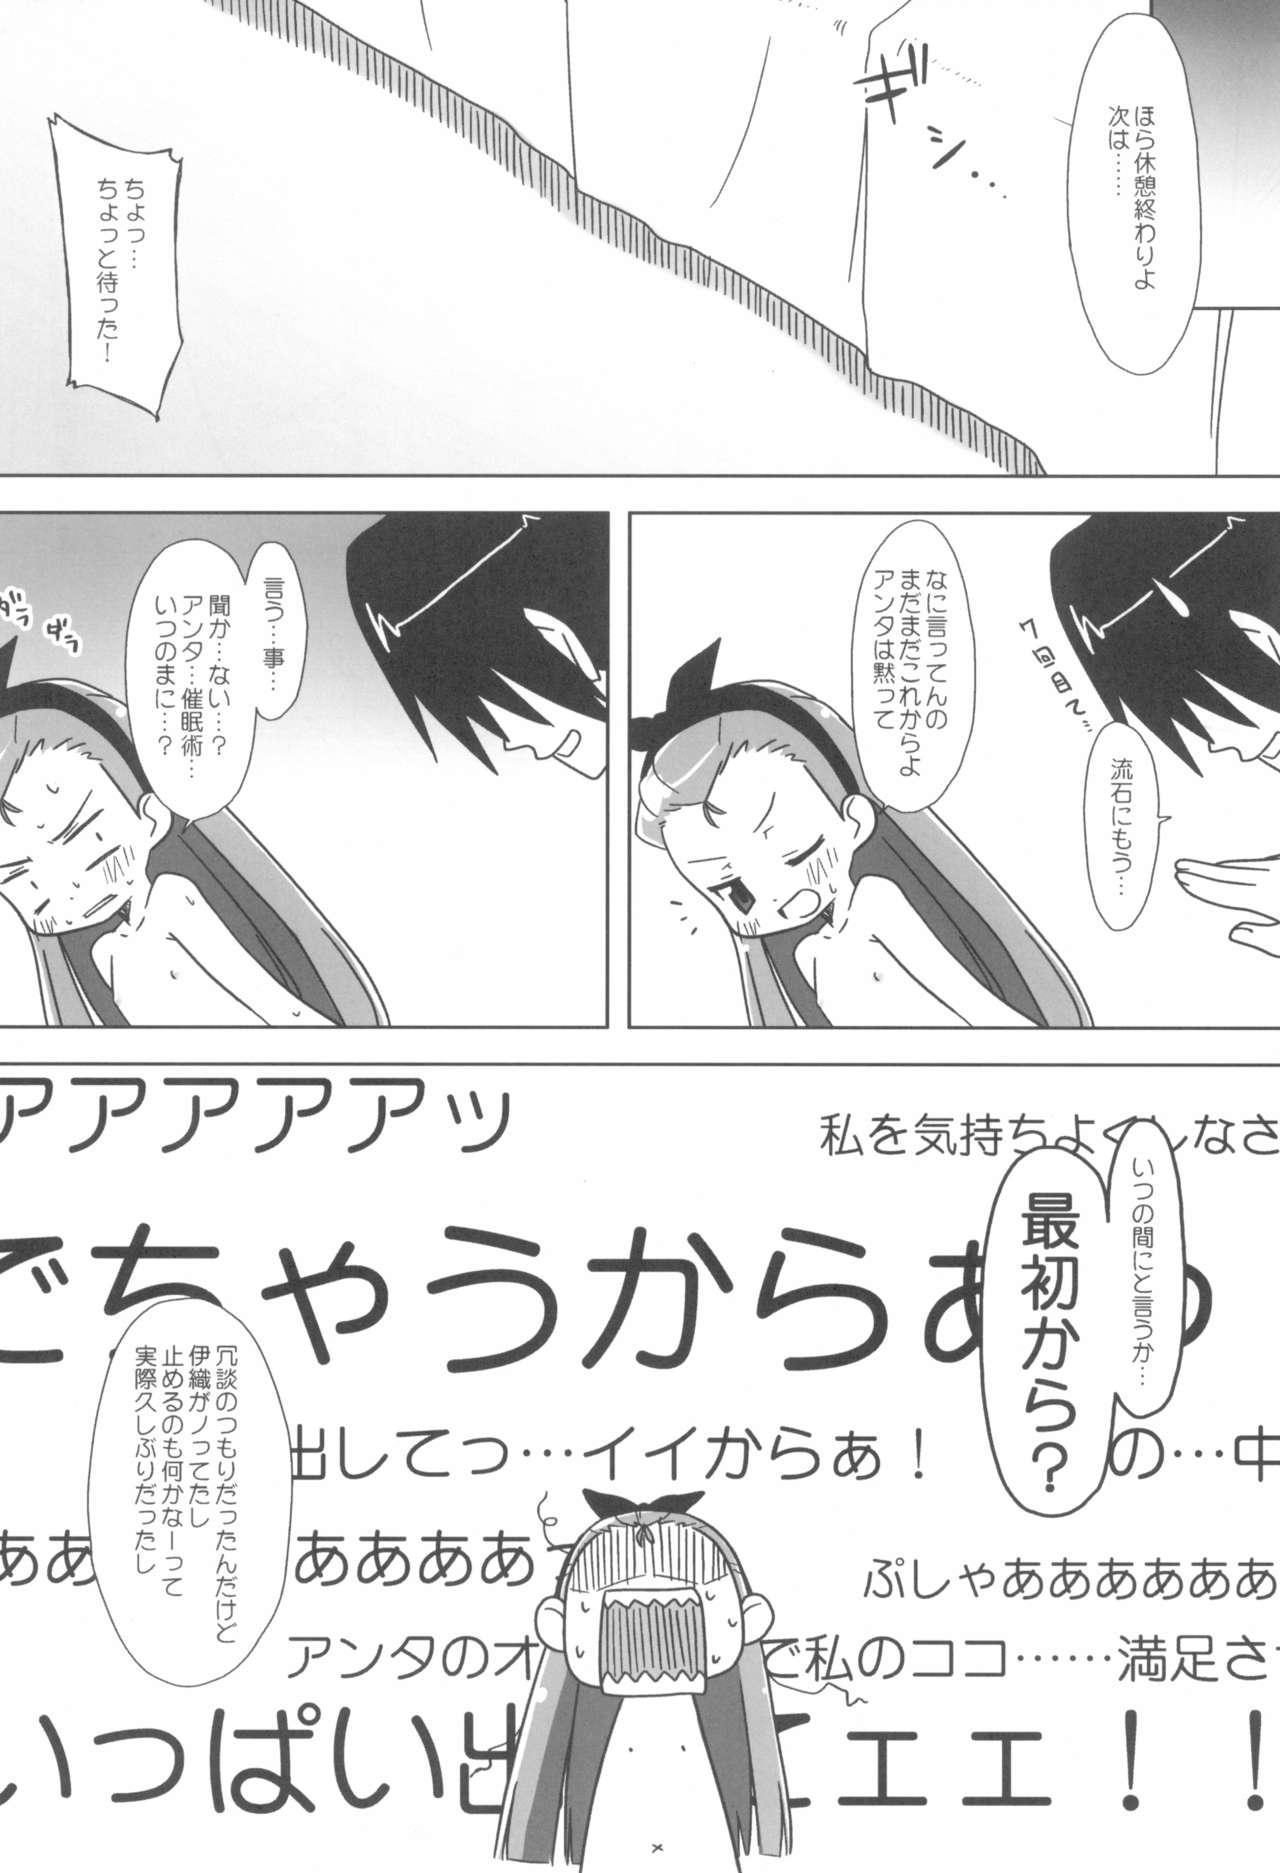 (CT14) [Shichiten Battou (Miyasaka Takaji)] Iori-sama no Yu-toori. (THE iDOLM@STER) 15